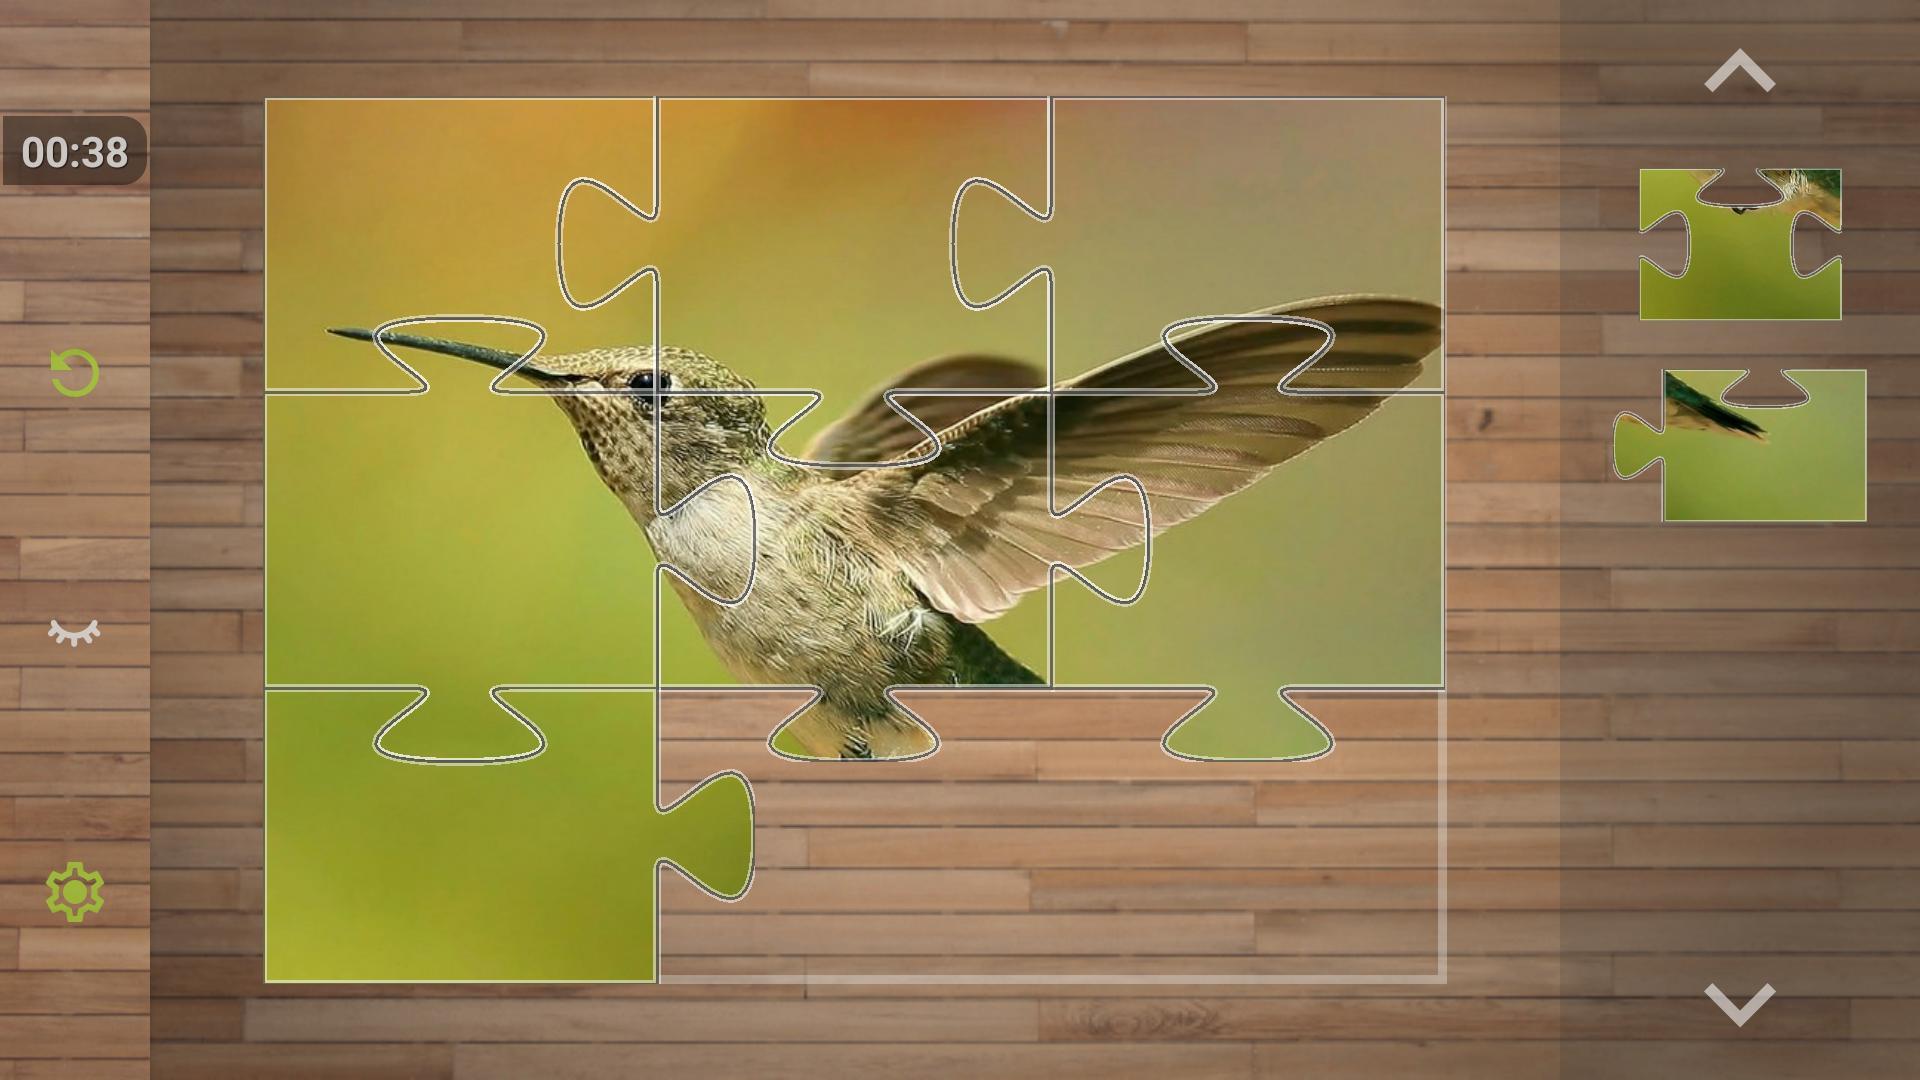 Jeux De Puzzle Oiseaux Gratuit Pour Android - Téléchargez L'apk serapportantà Jeux De Oiseau Gratuit